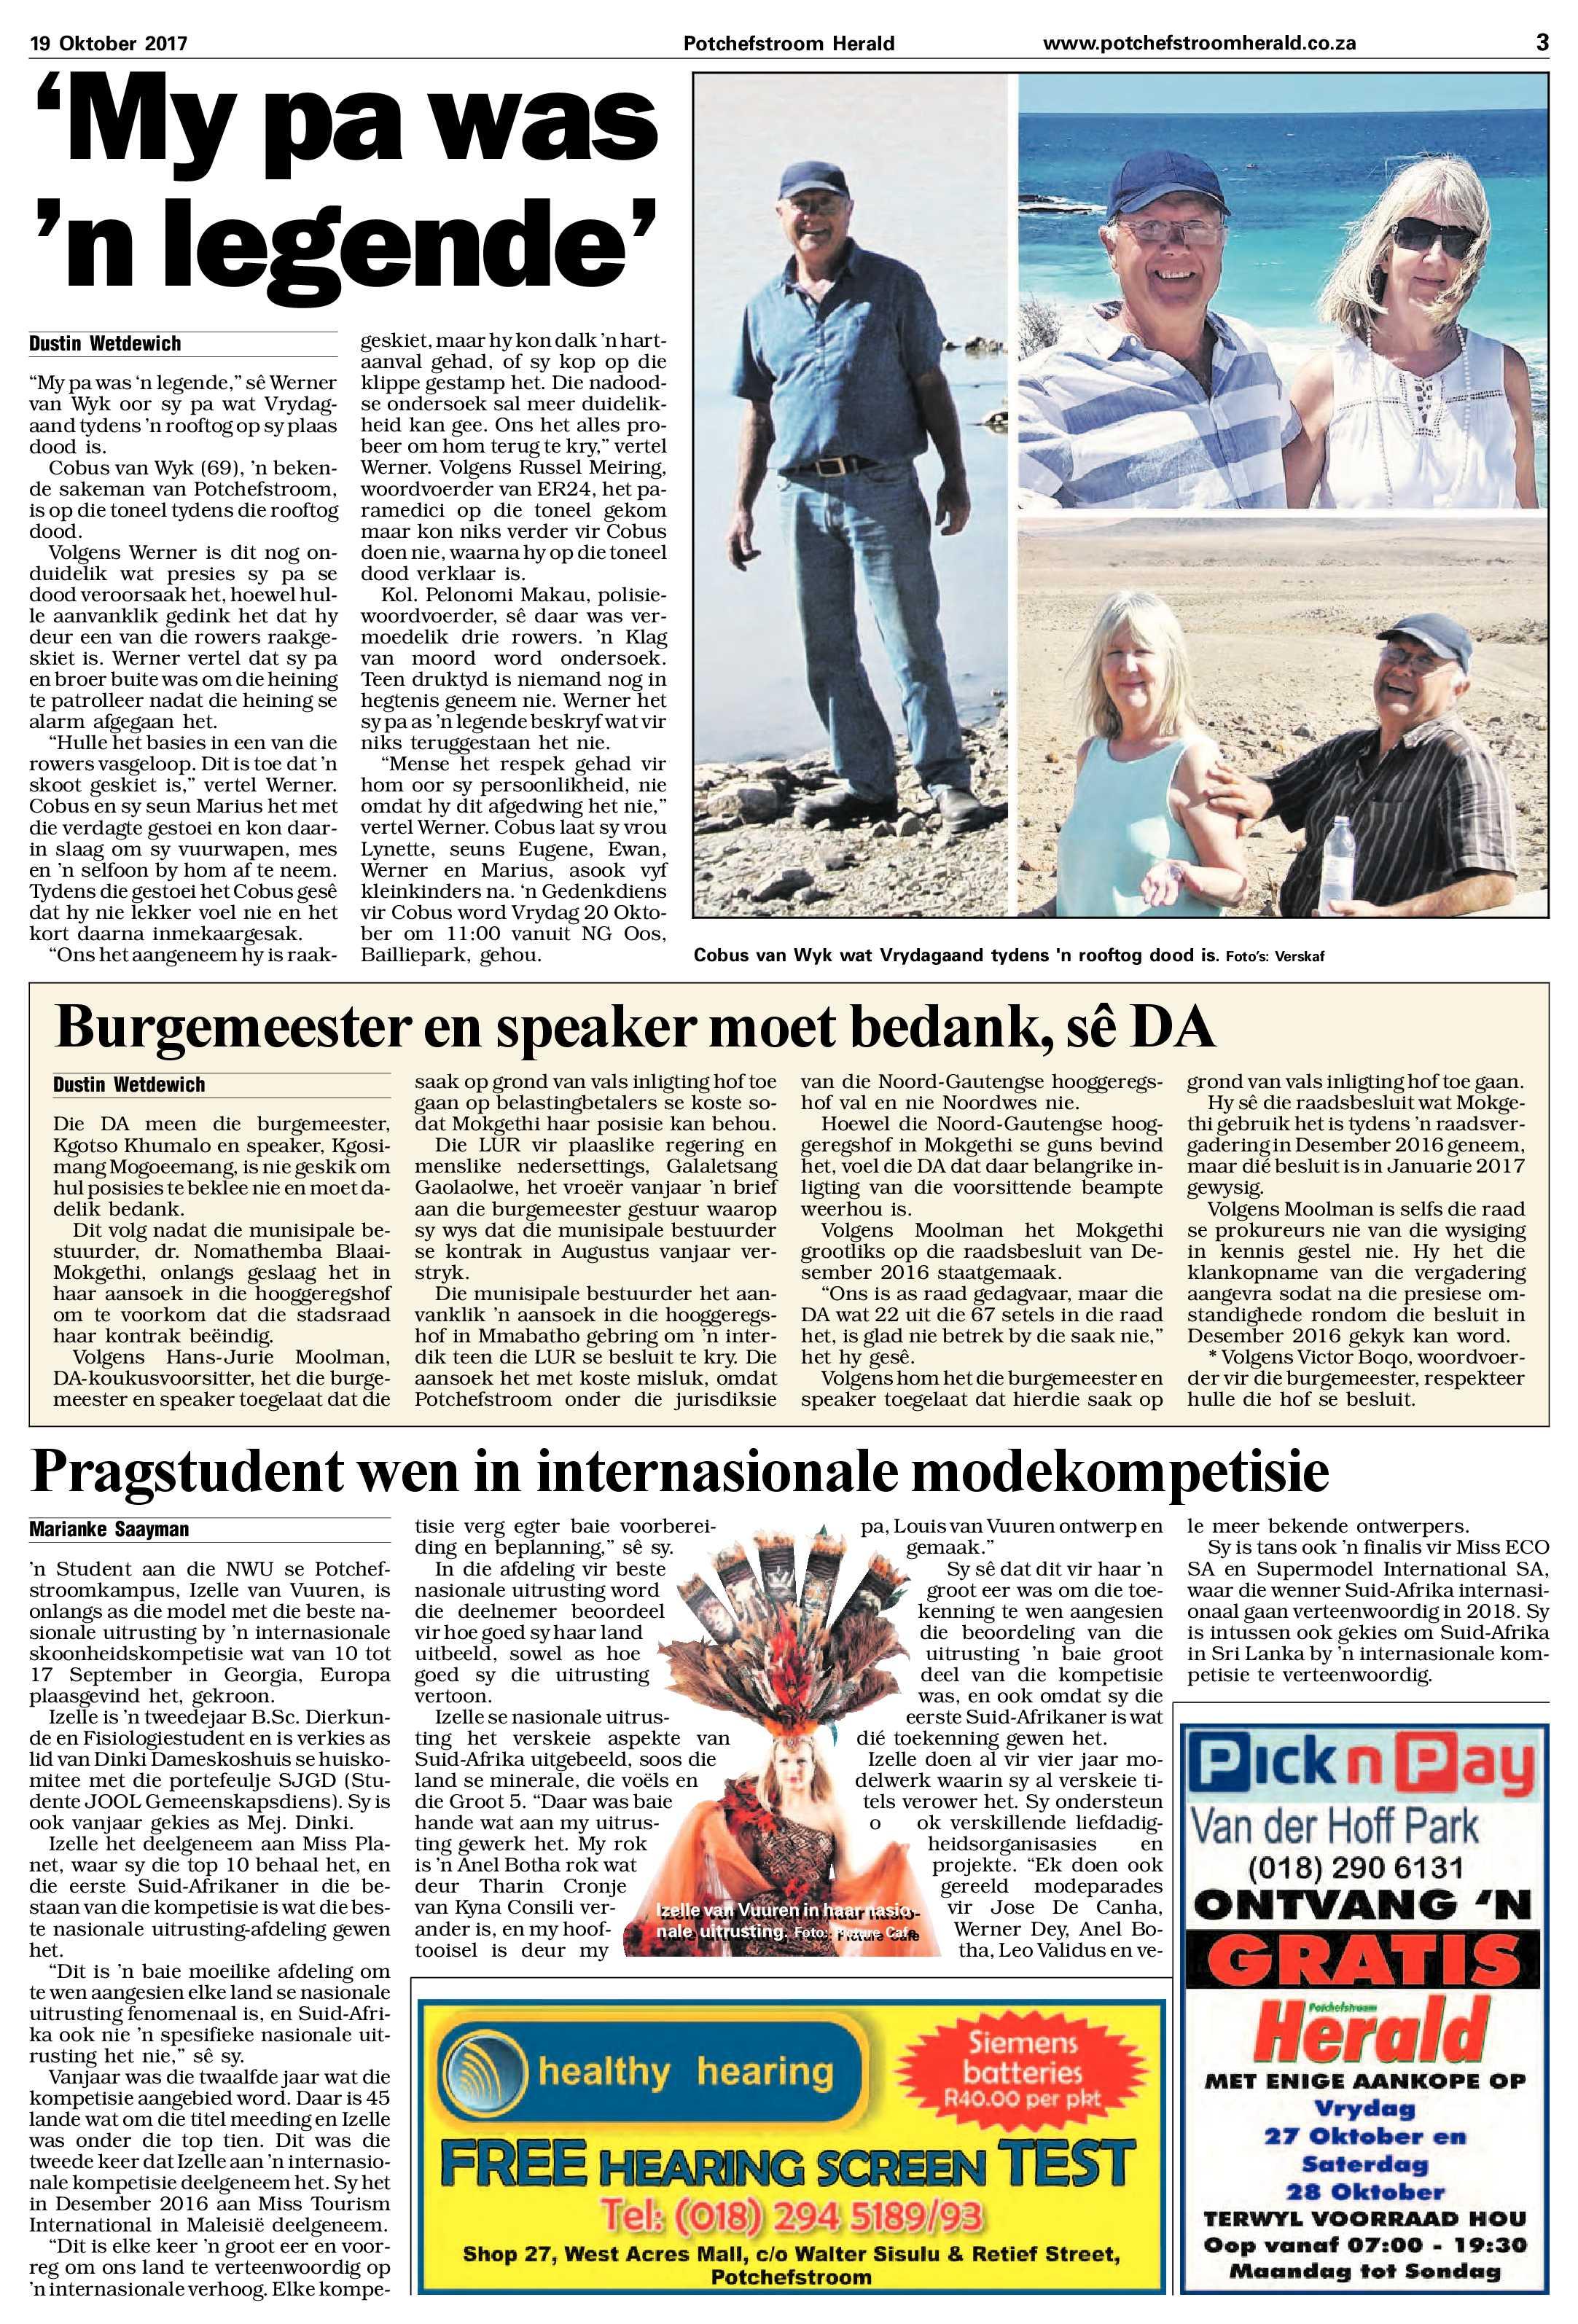 19-oktober-2017-epapers-page-3